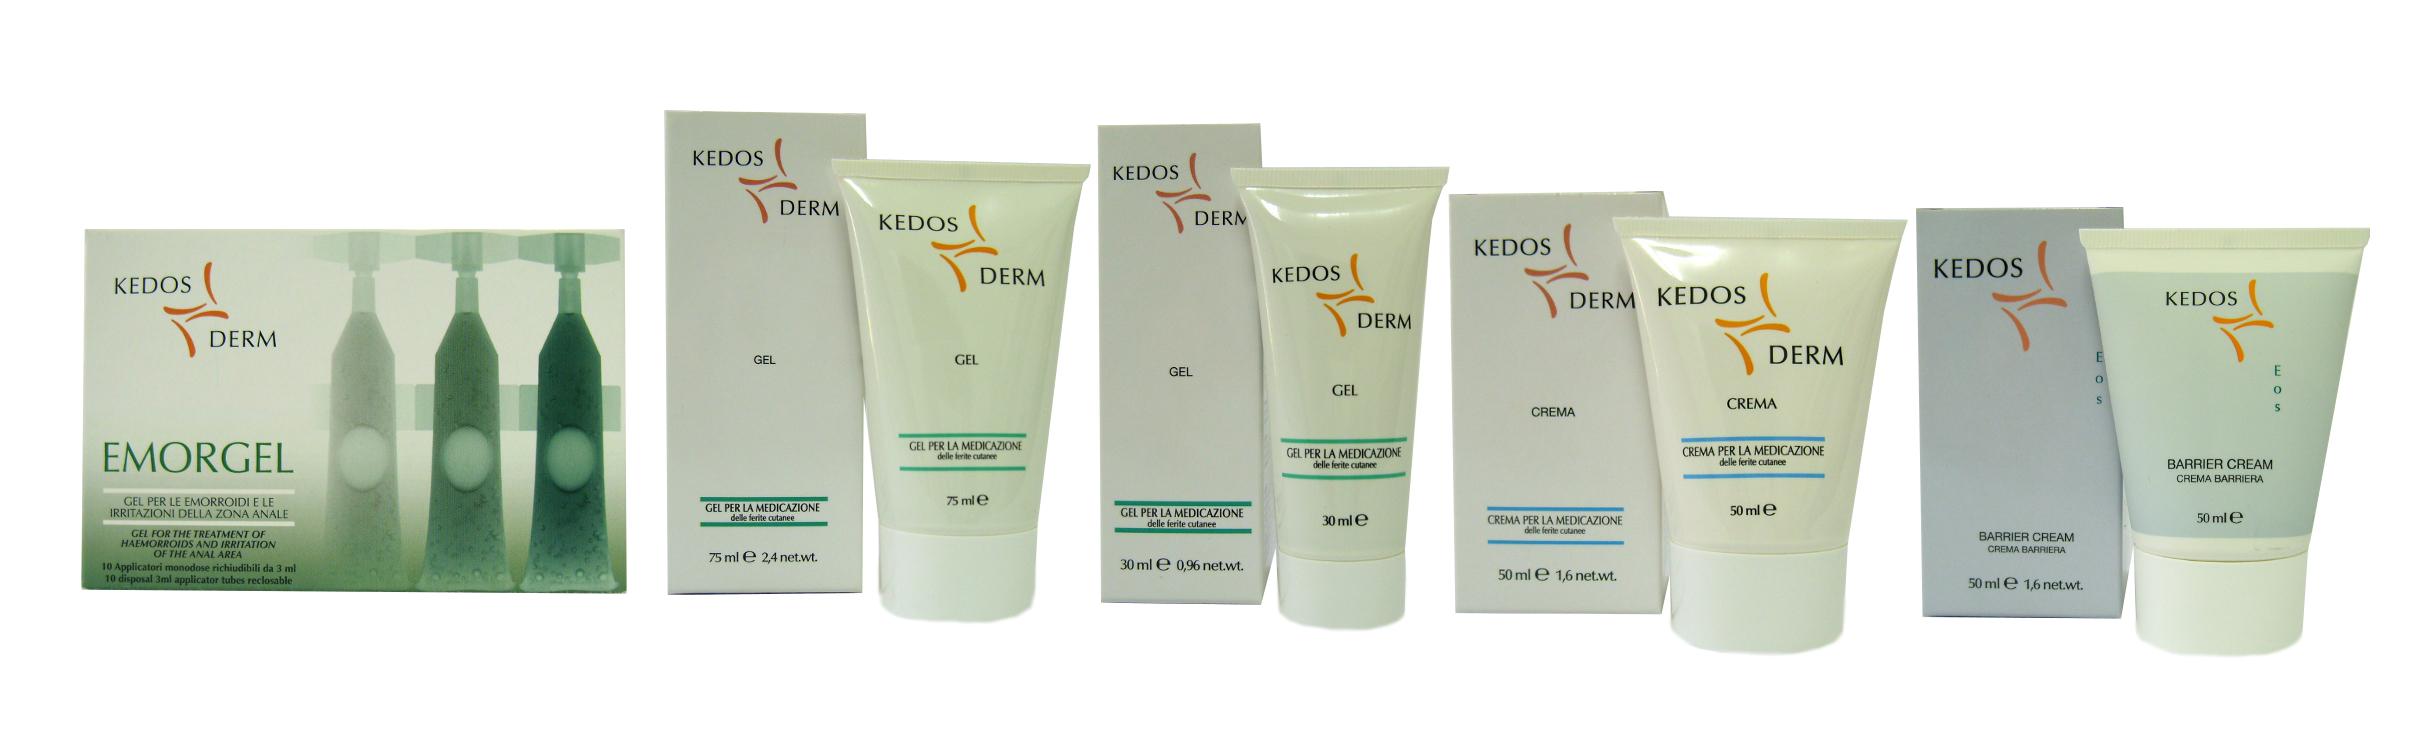 Kedos_linea